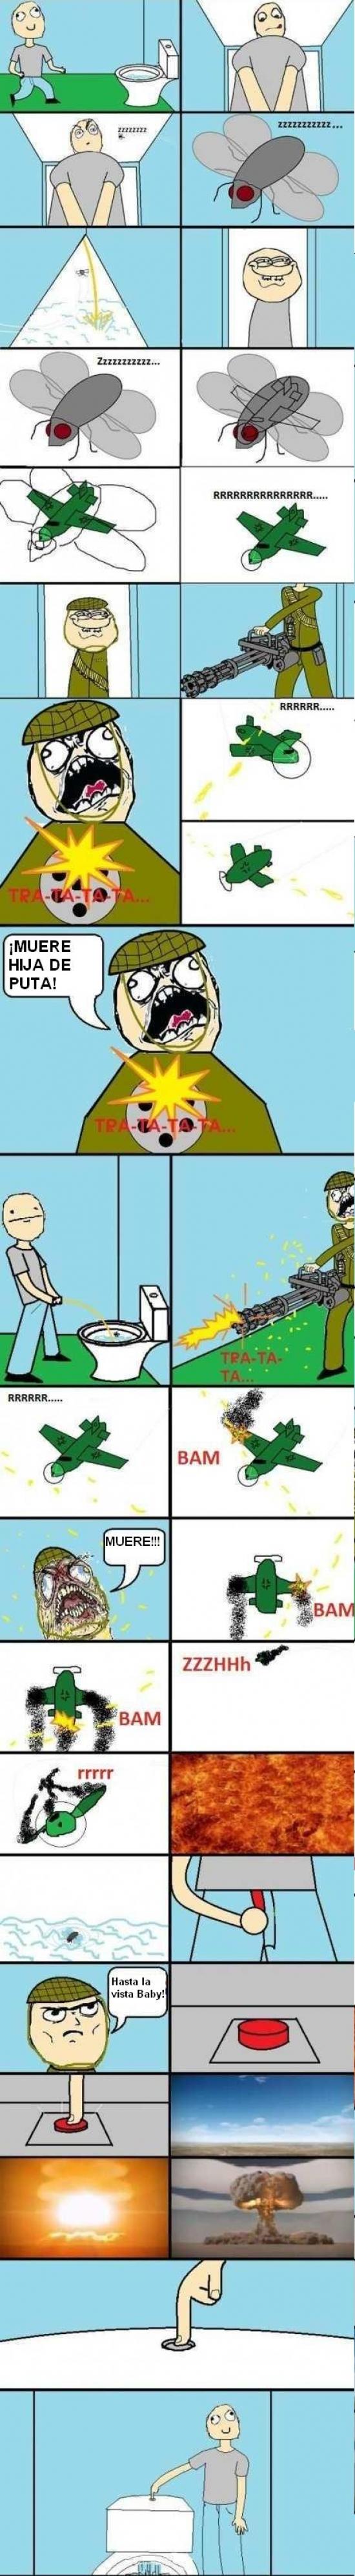 boton,derribar,lavabo,mear,mosca,pipi,retrete,soldado,tirar de la cadena